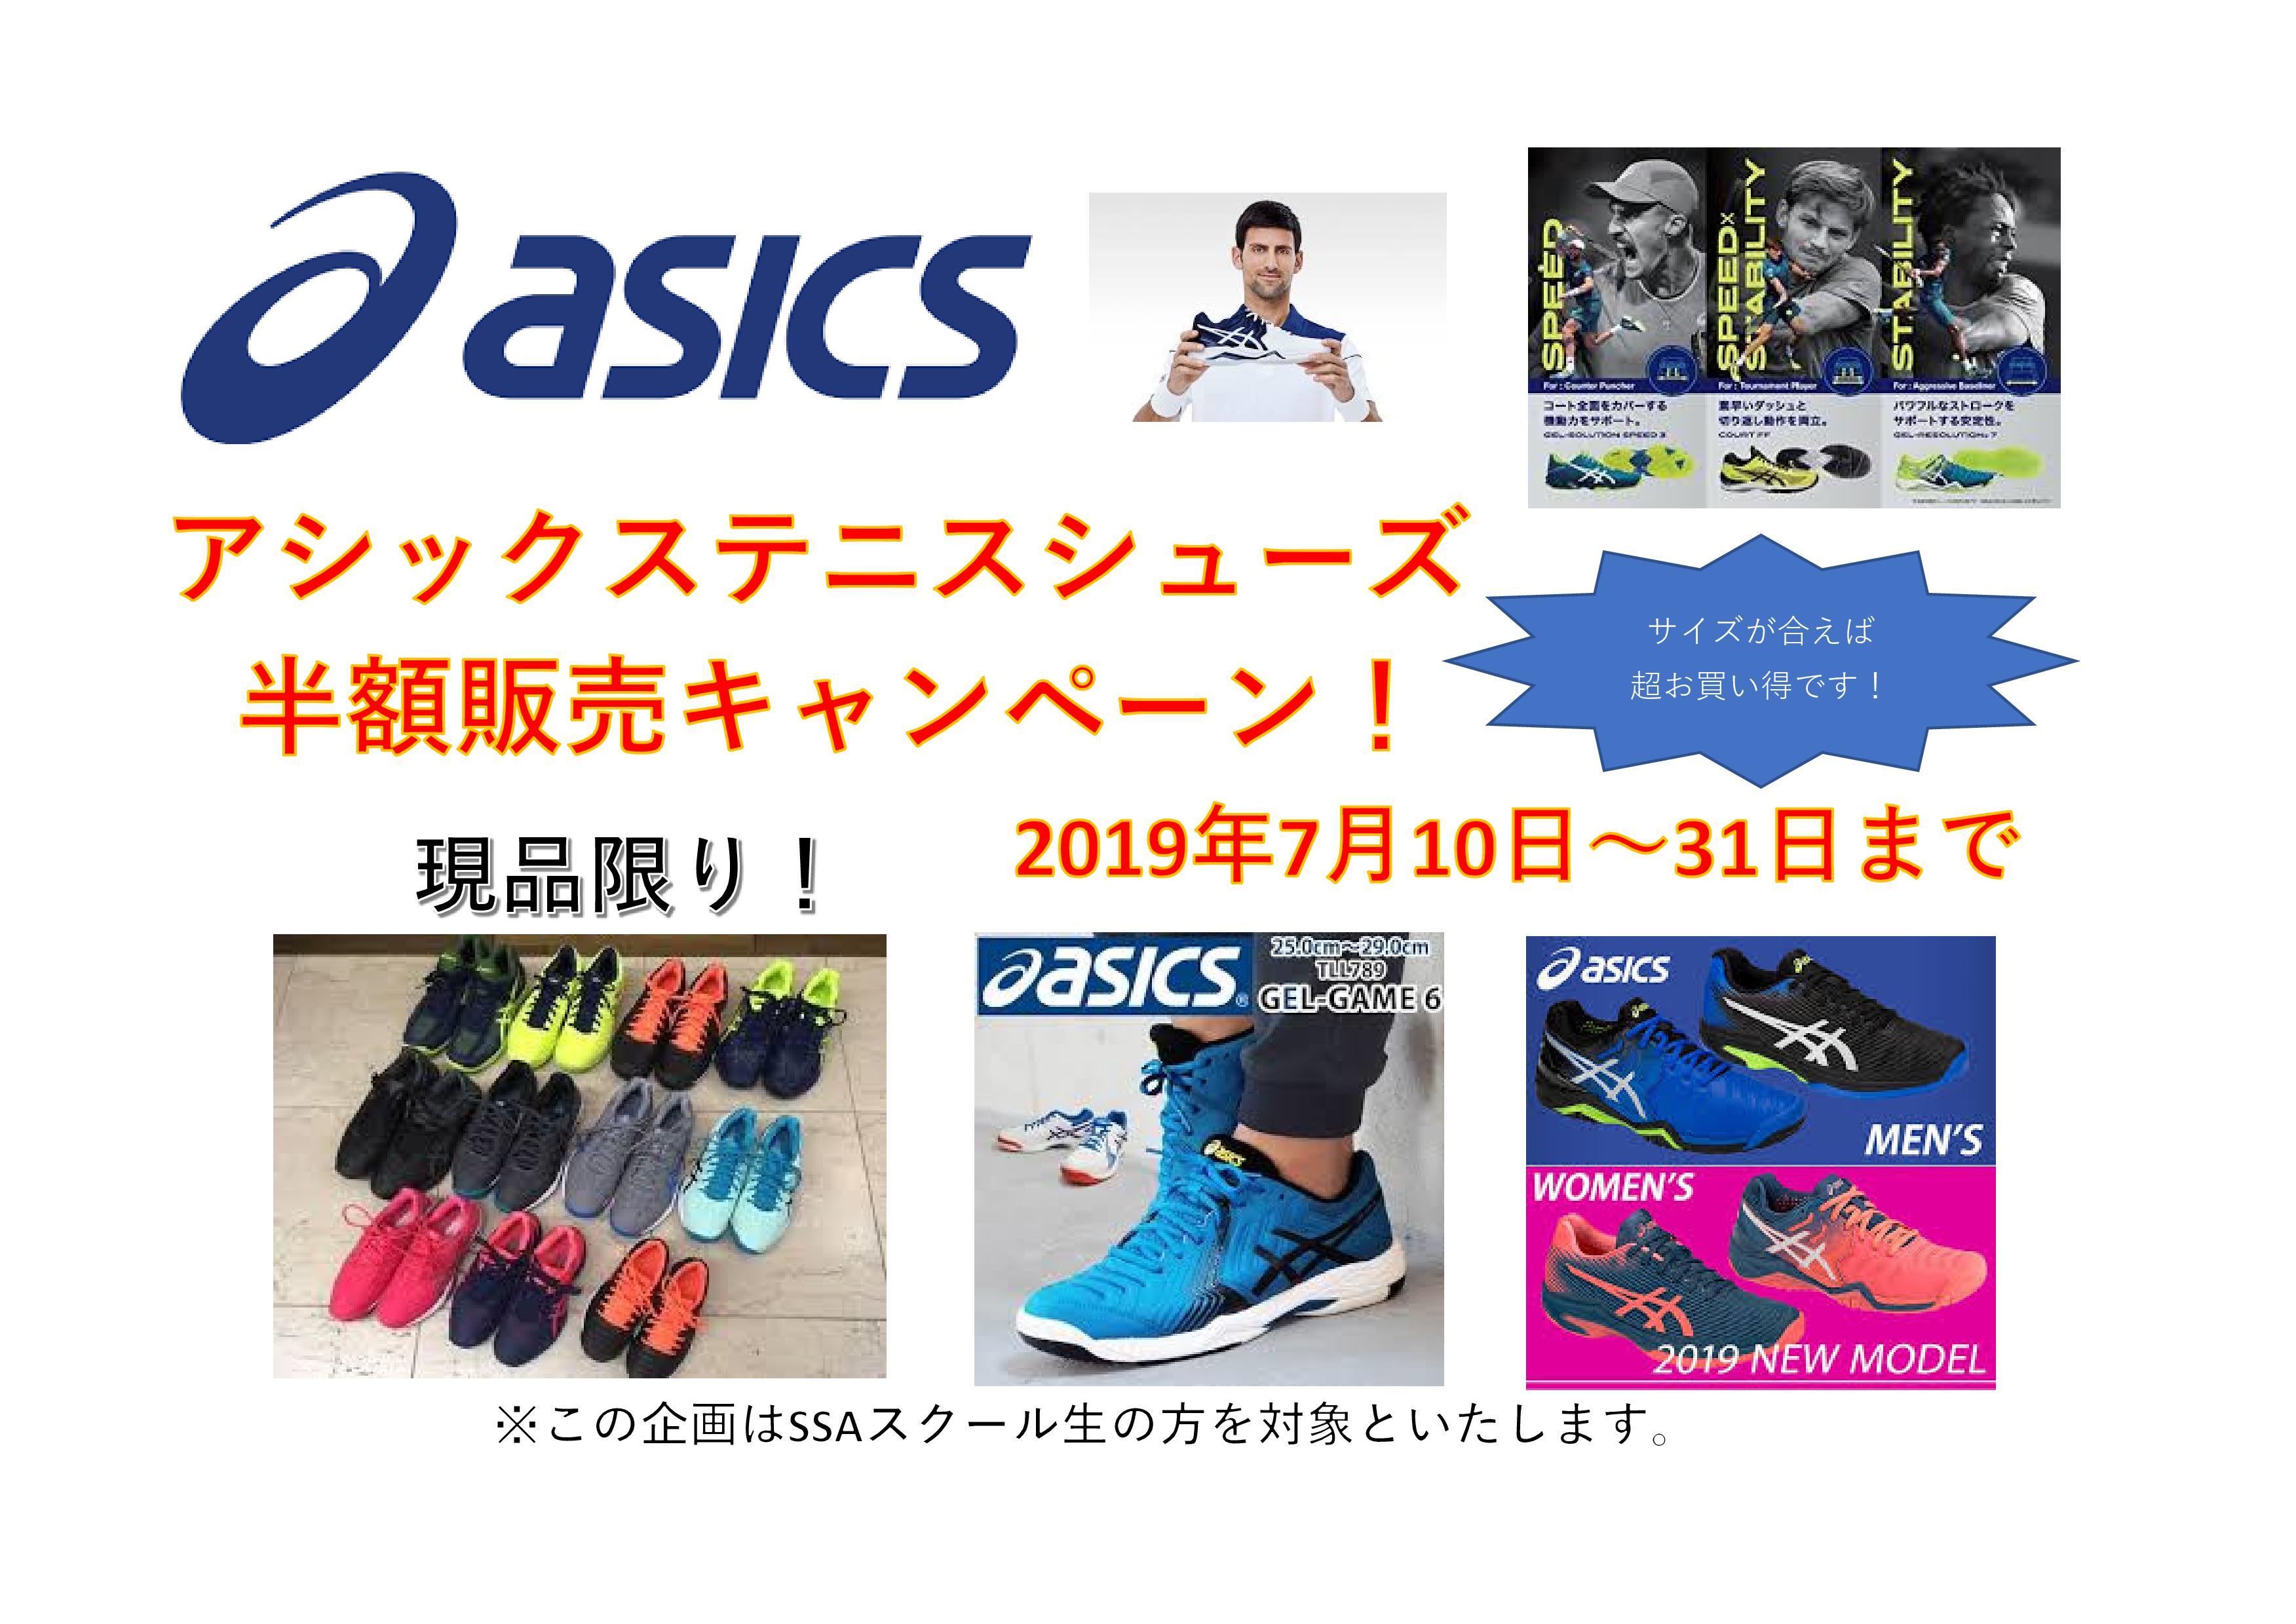 2019年7月 7月10日からアシックスシューズキャンペーン!!